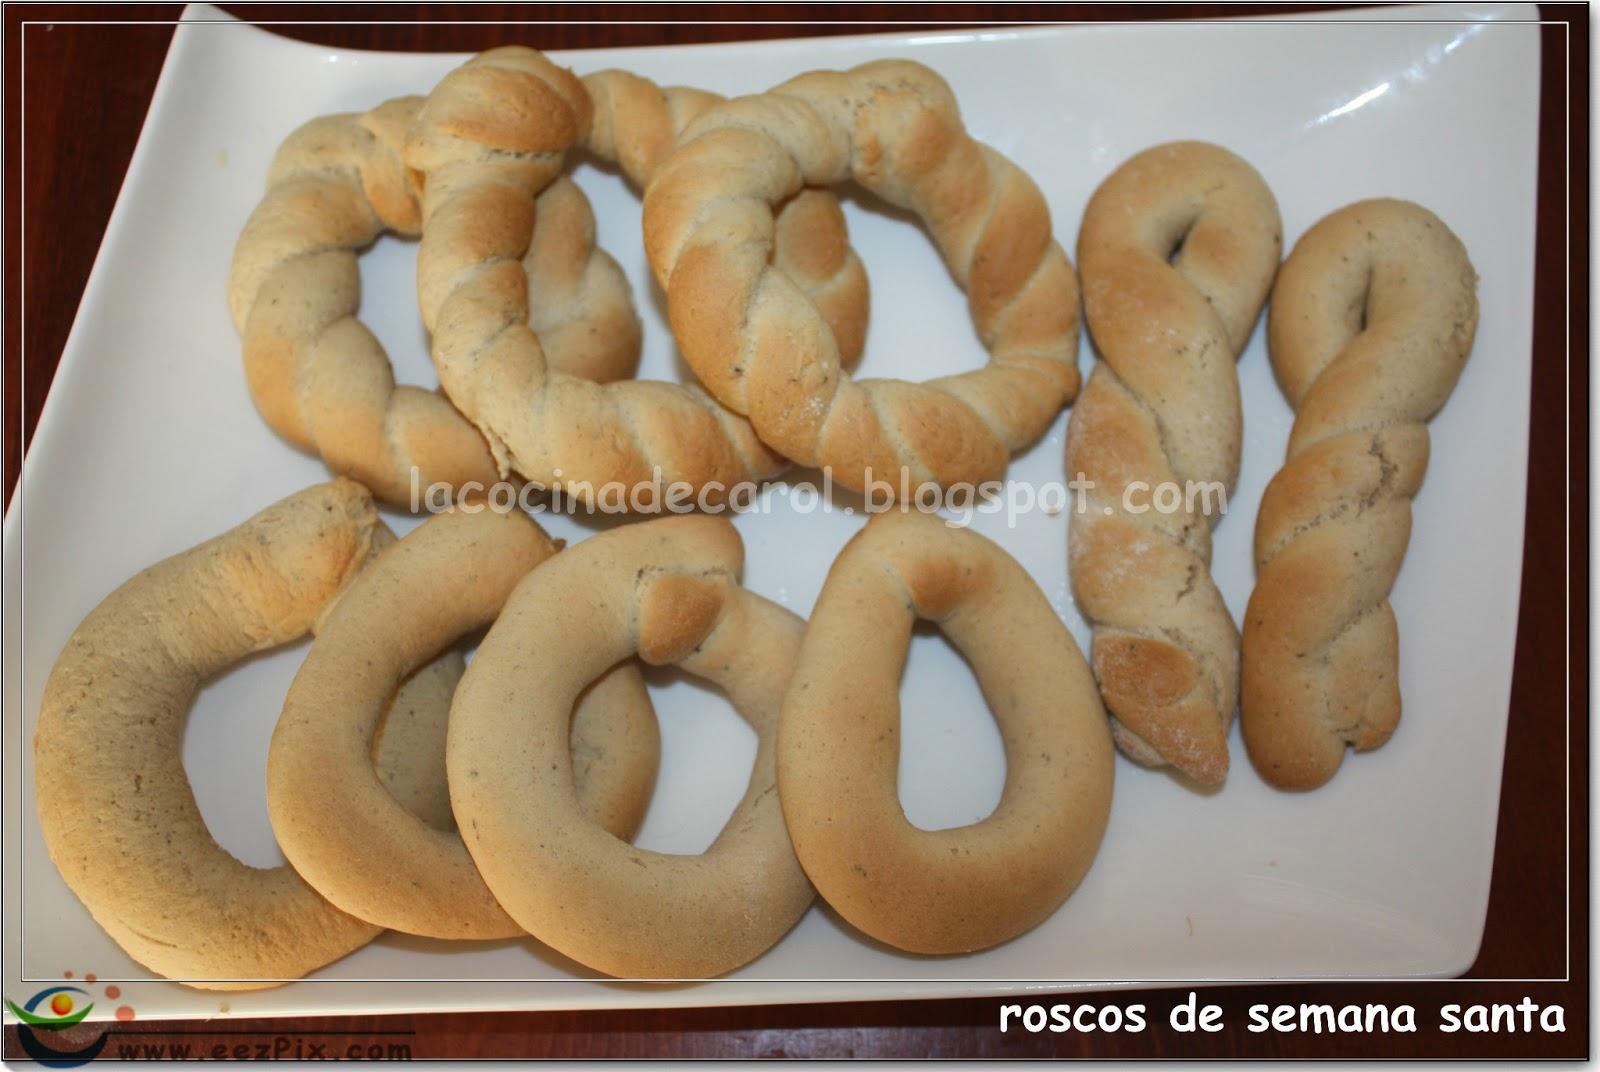 La Cocina De Carol Roscos De Semana Santa De San Fernando